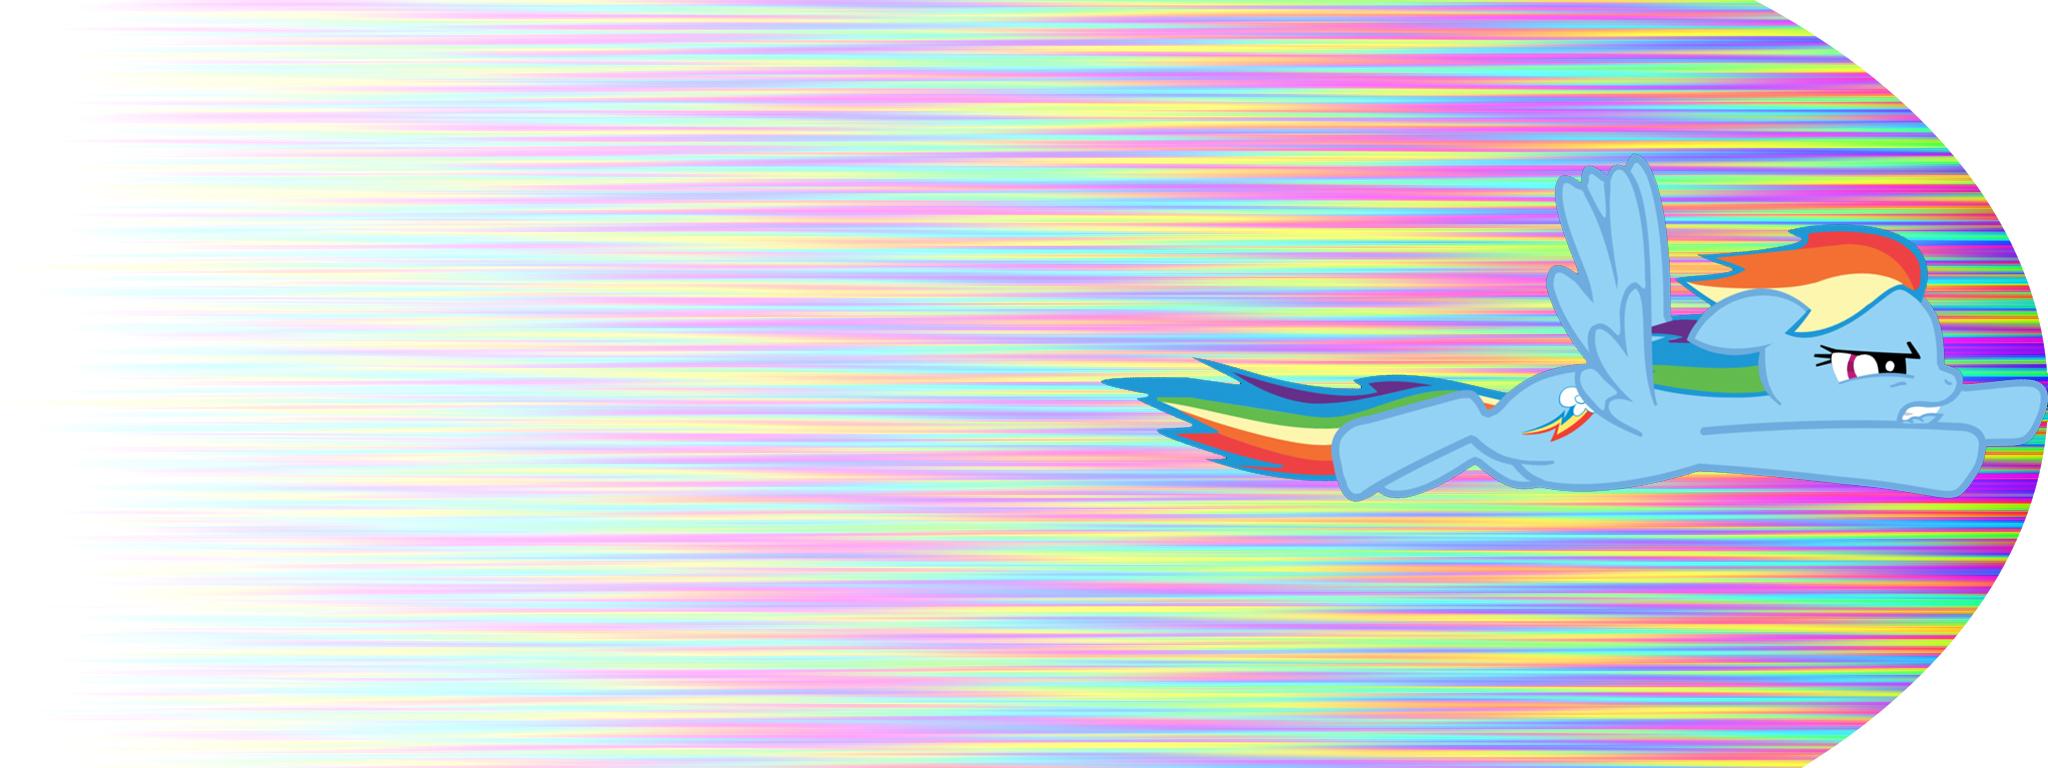 rainbow dash duel screen wallpaper by lasarack fan art wallpaper 2048x768